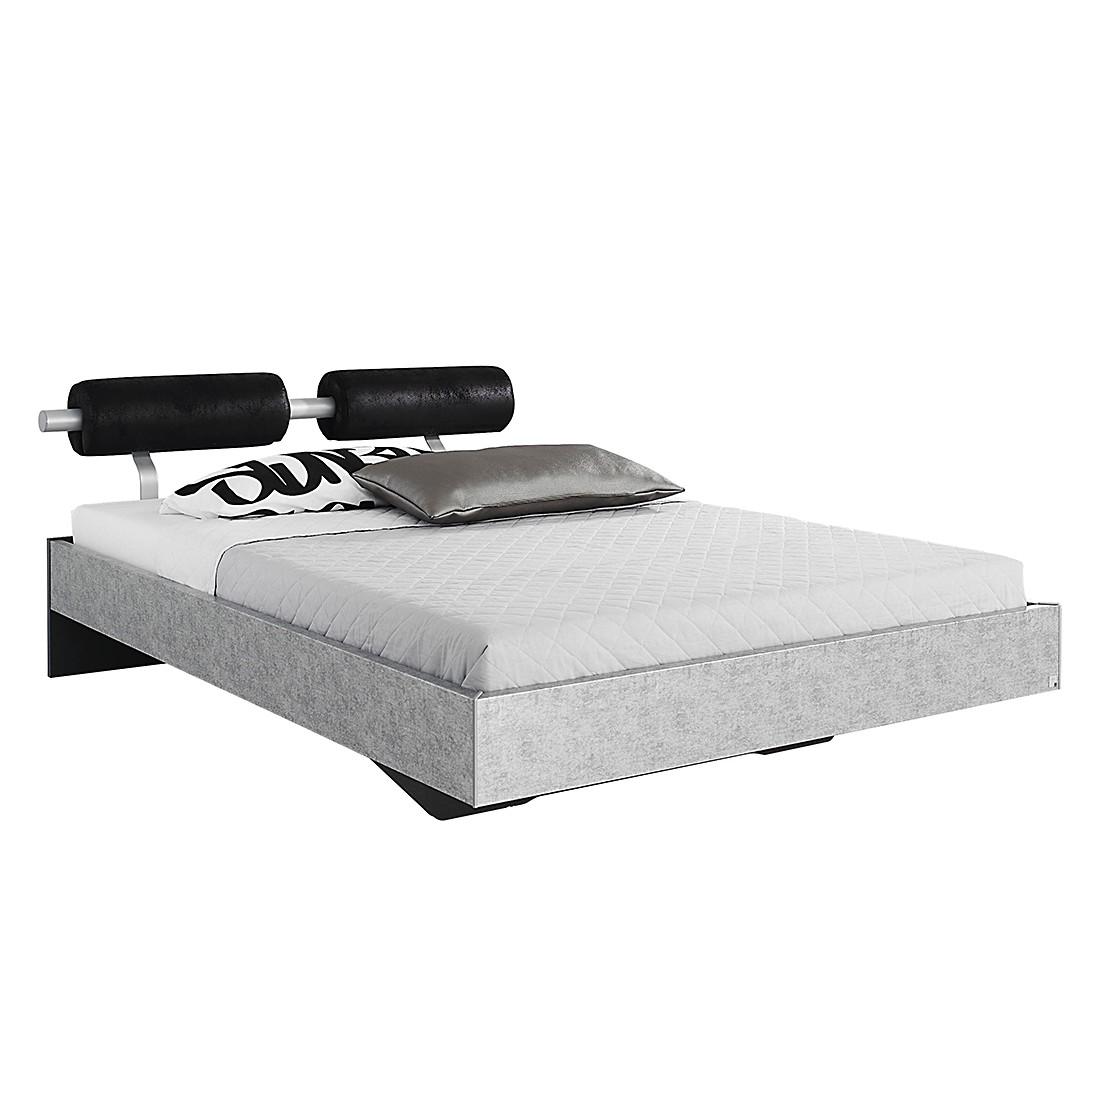 goedkoop Bed Workbase IV zilveren plaat zwart Buffalo kunstleer 160 x 200cm Rauch Select